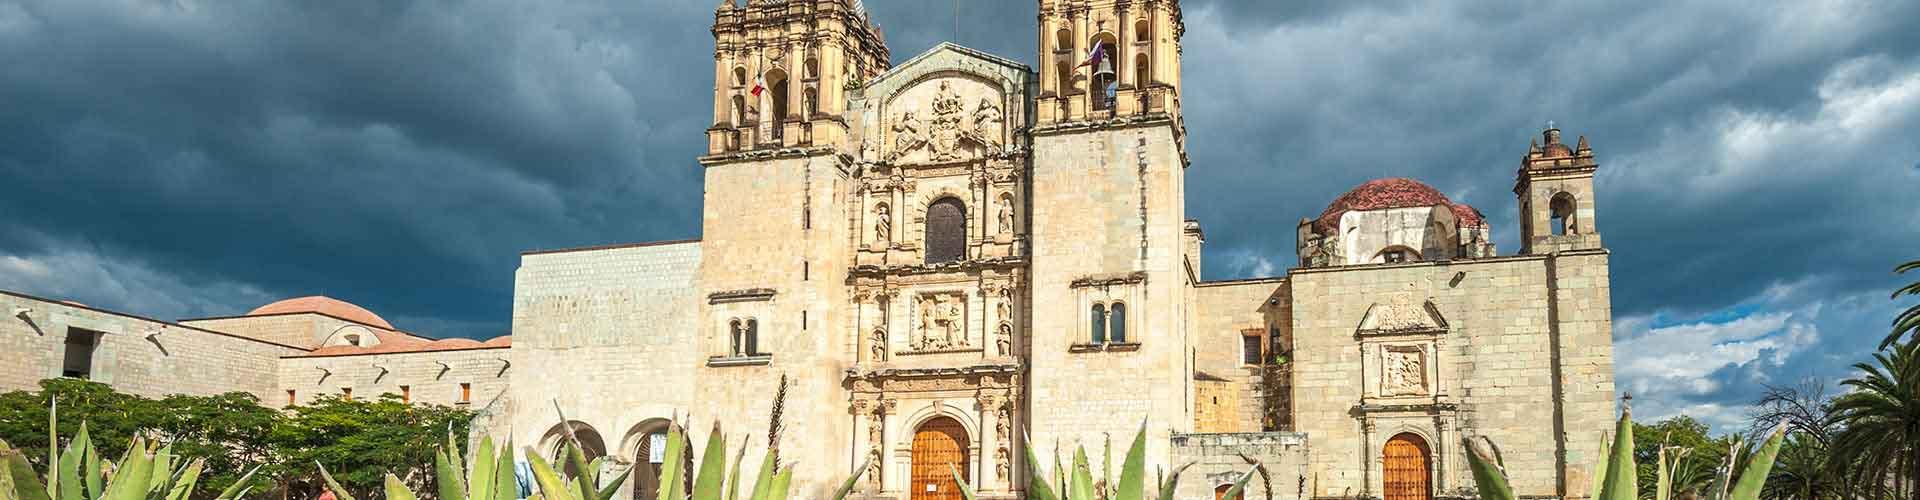 Oaxaca - Hostales en Oaxaca. Mapas de Oaxaca, Fotos y comentarios de cada Hostal en Oaxaca.